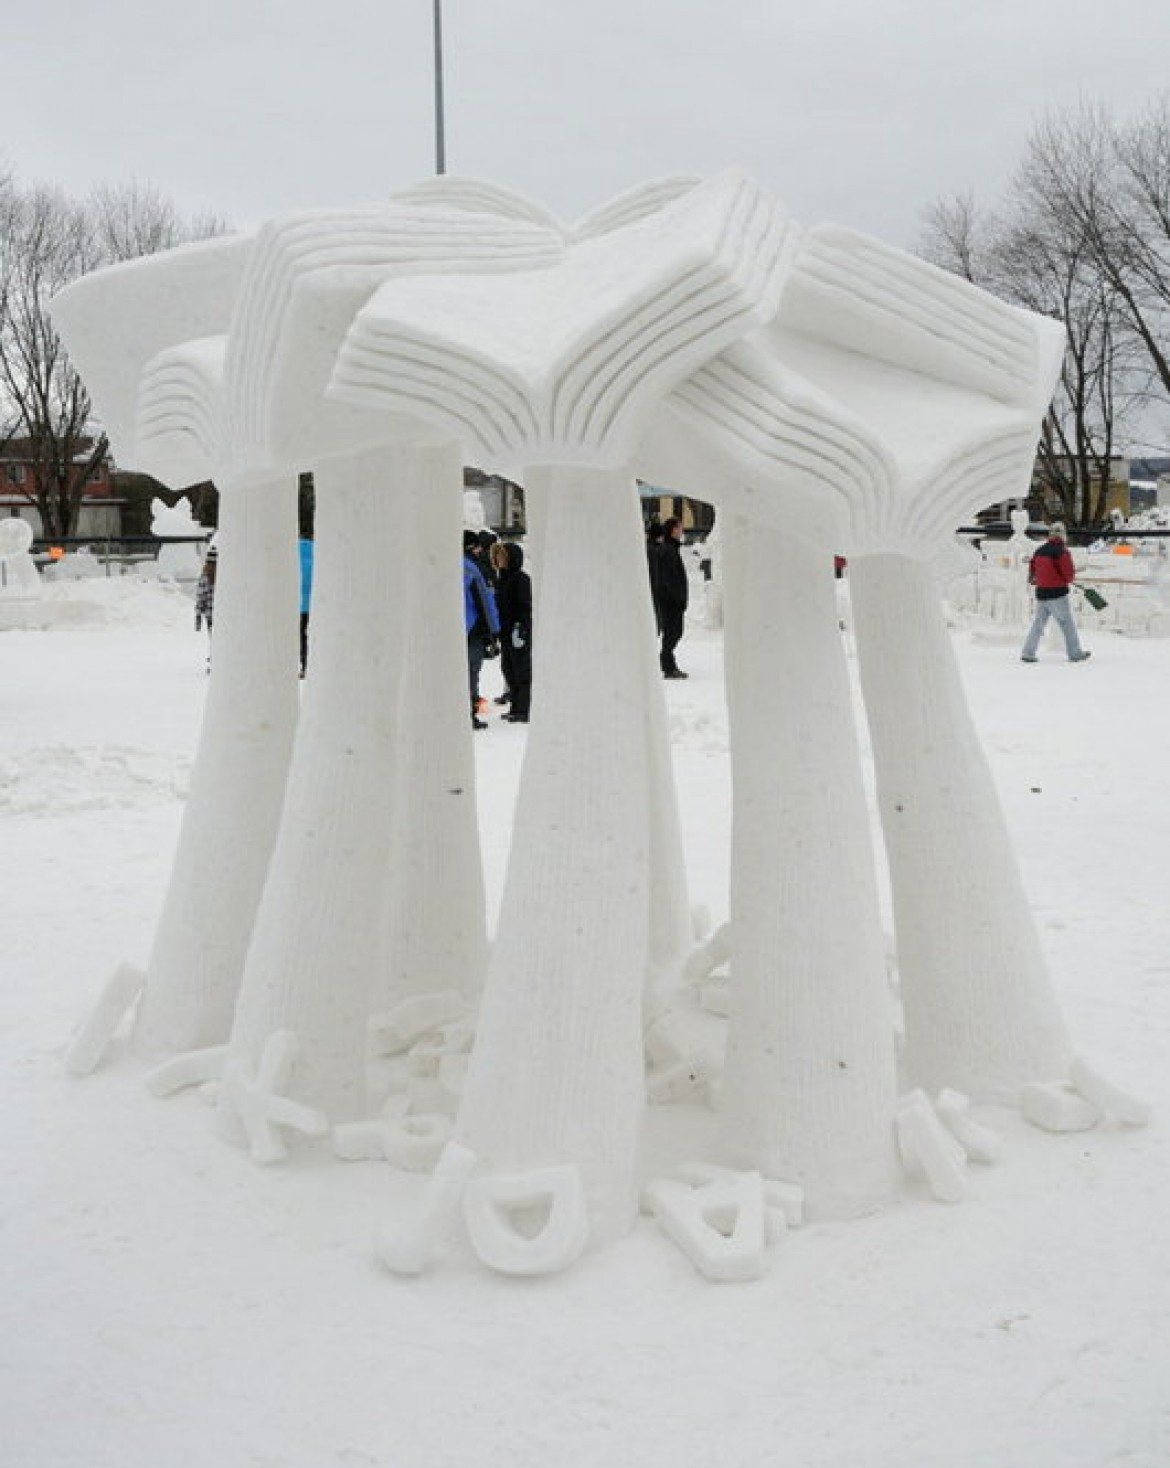 Sculptures sur neige